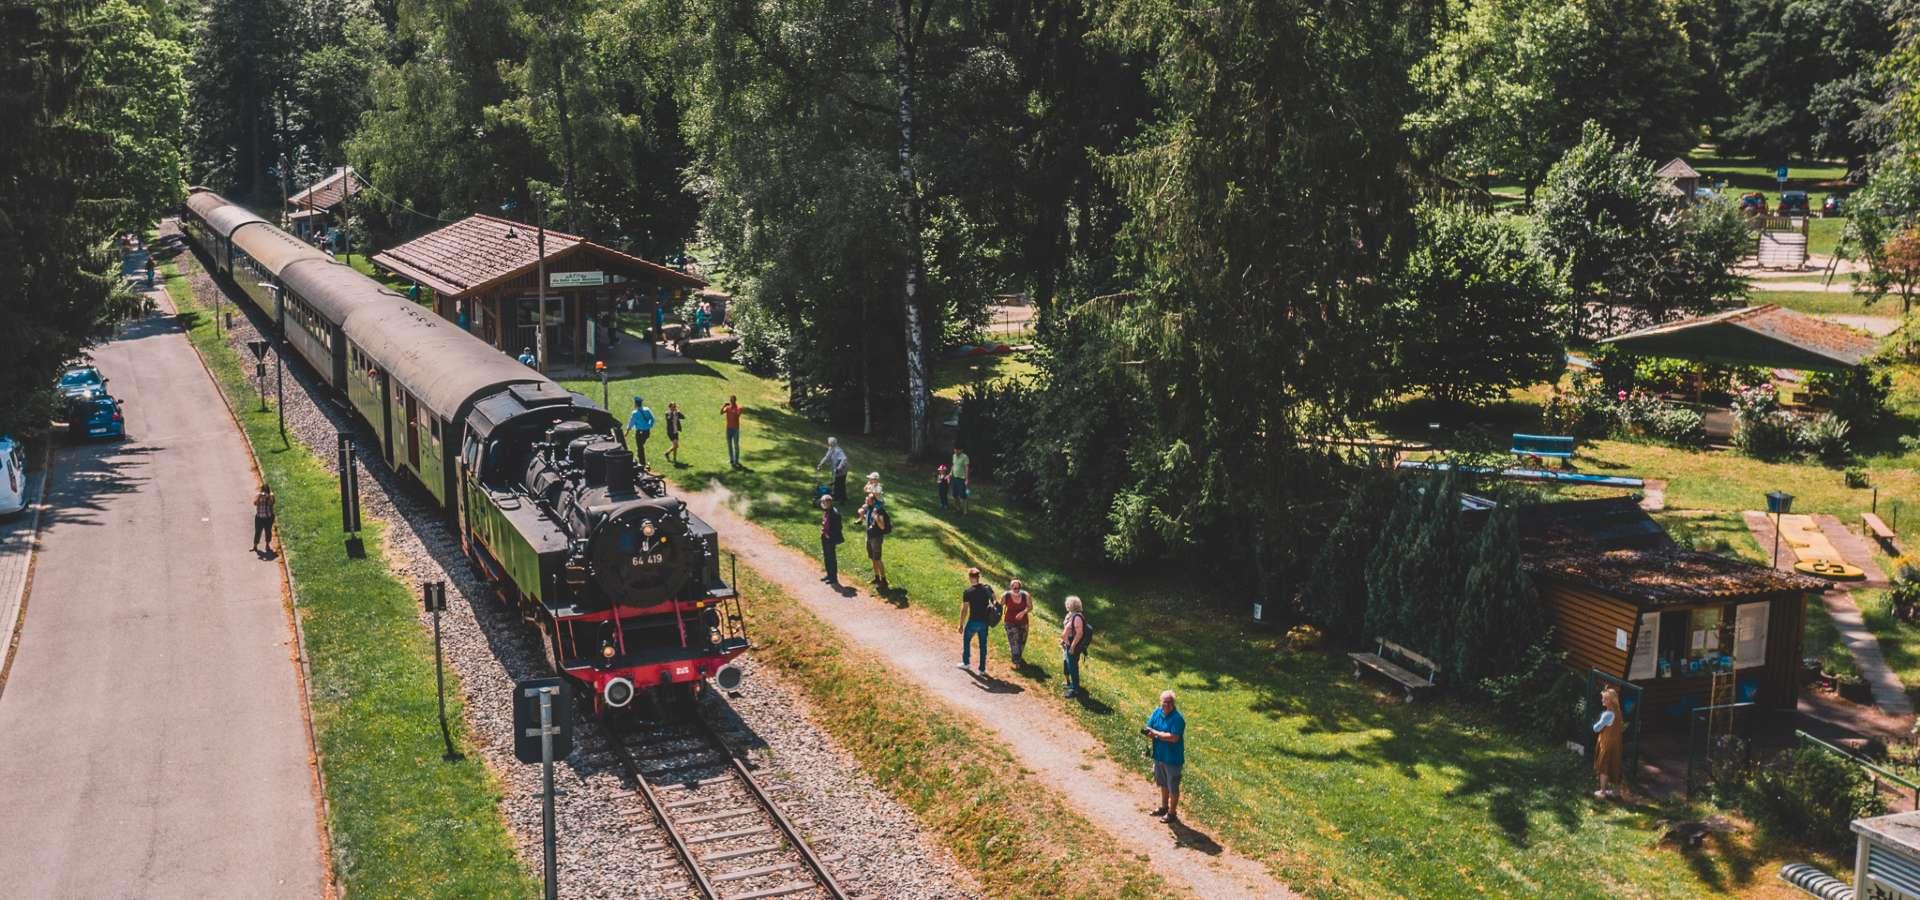 Rund um Welzheim